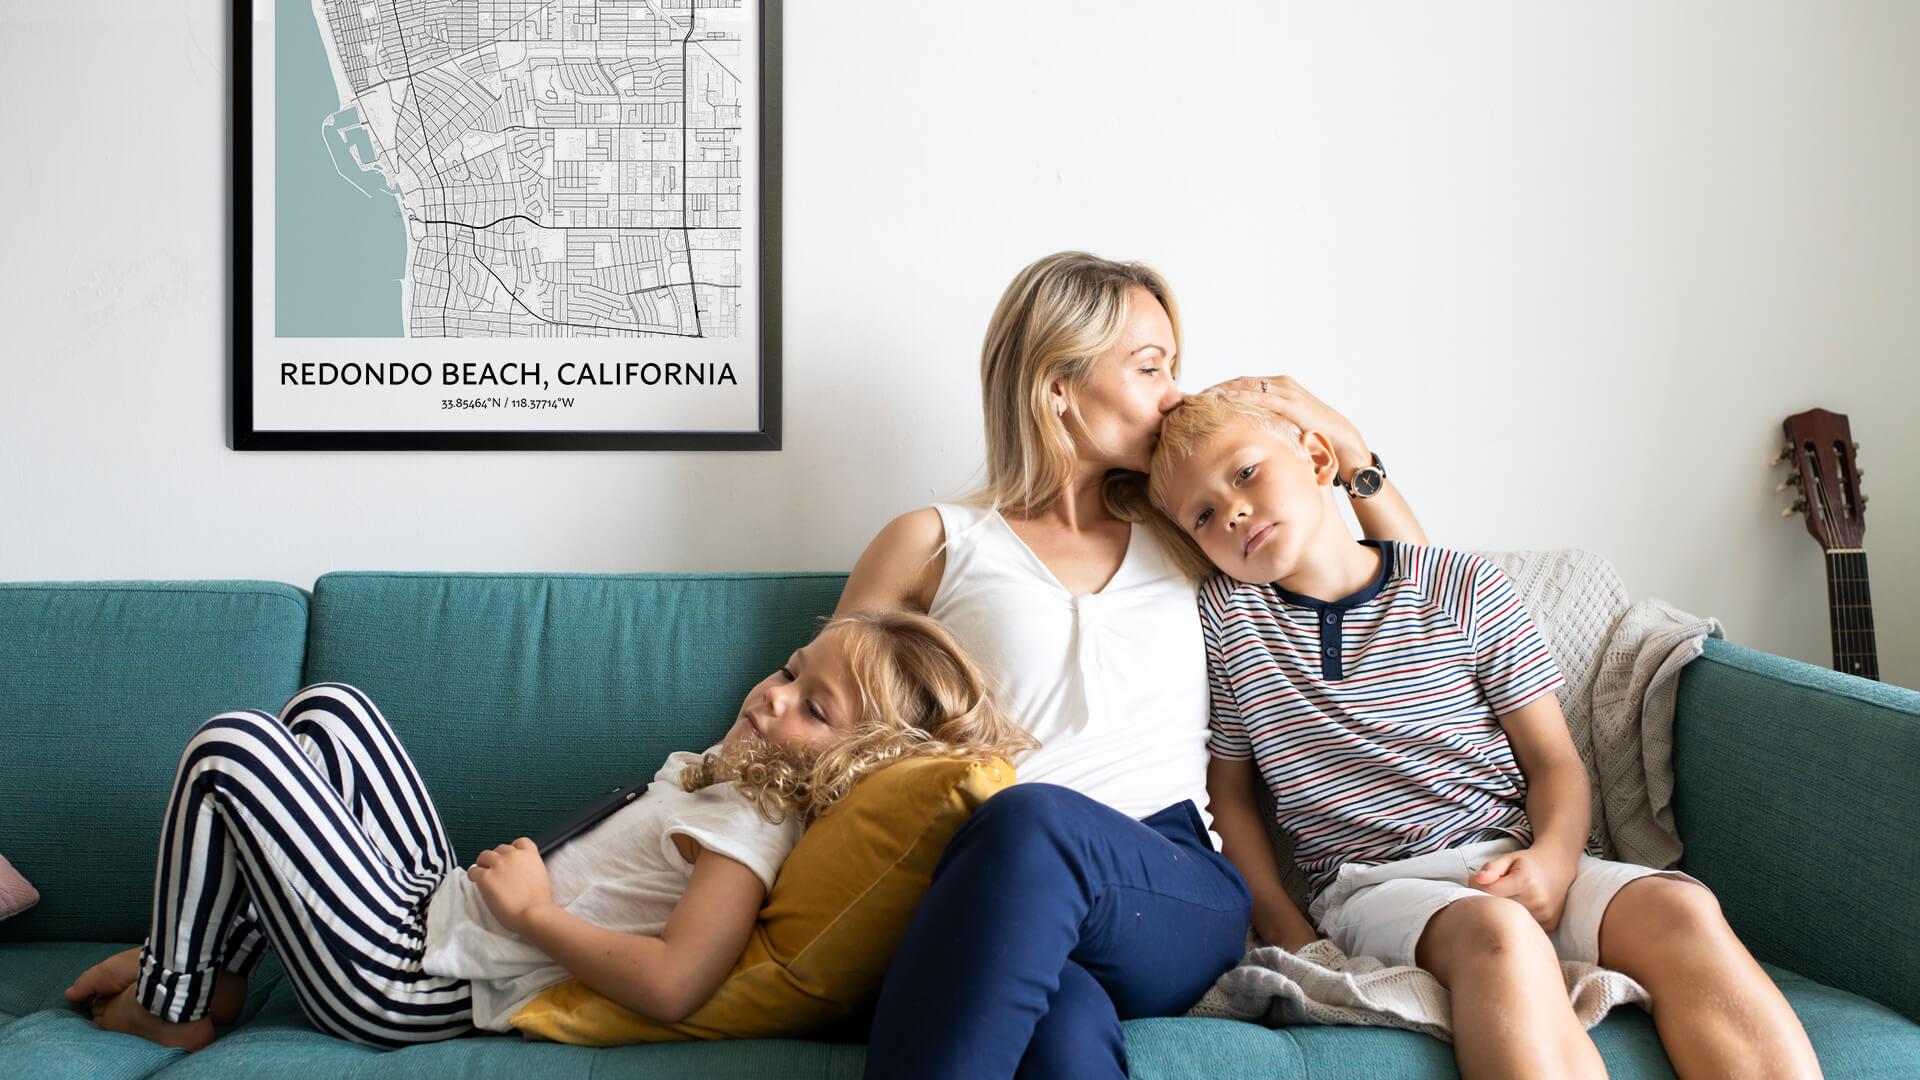 Redondo Beach map poster